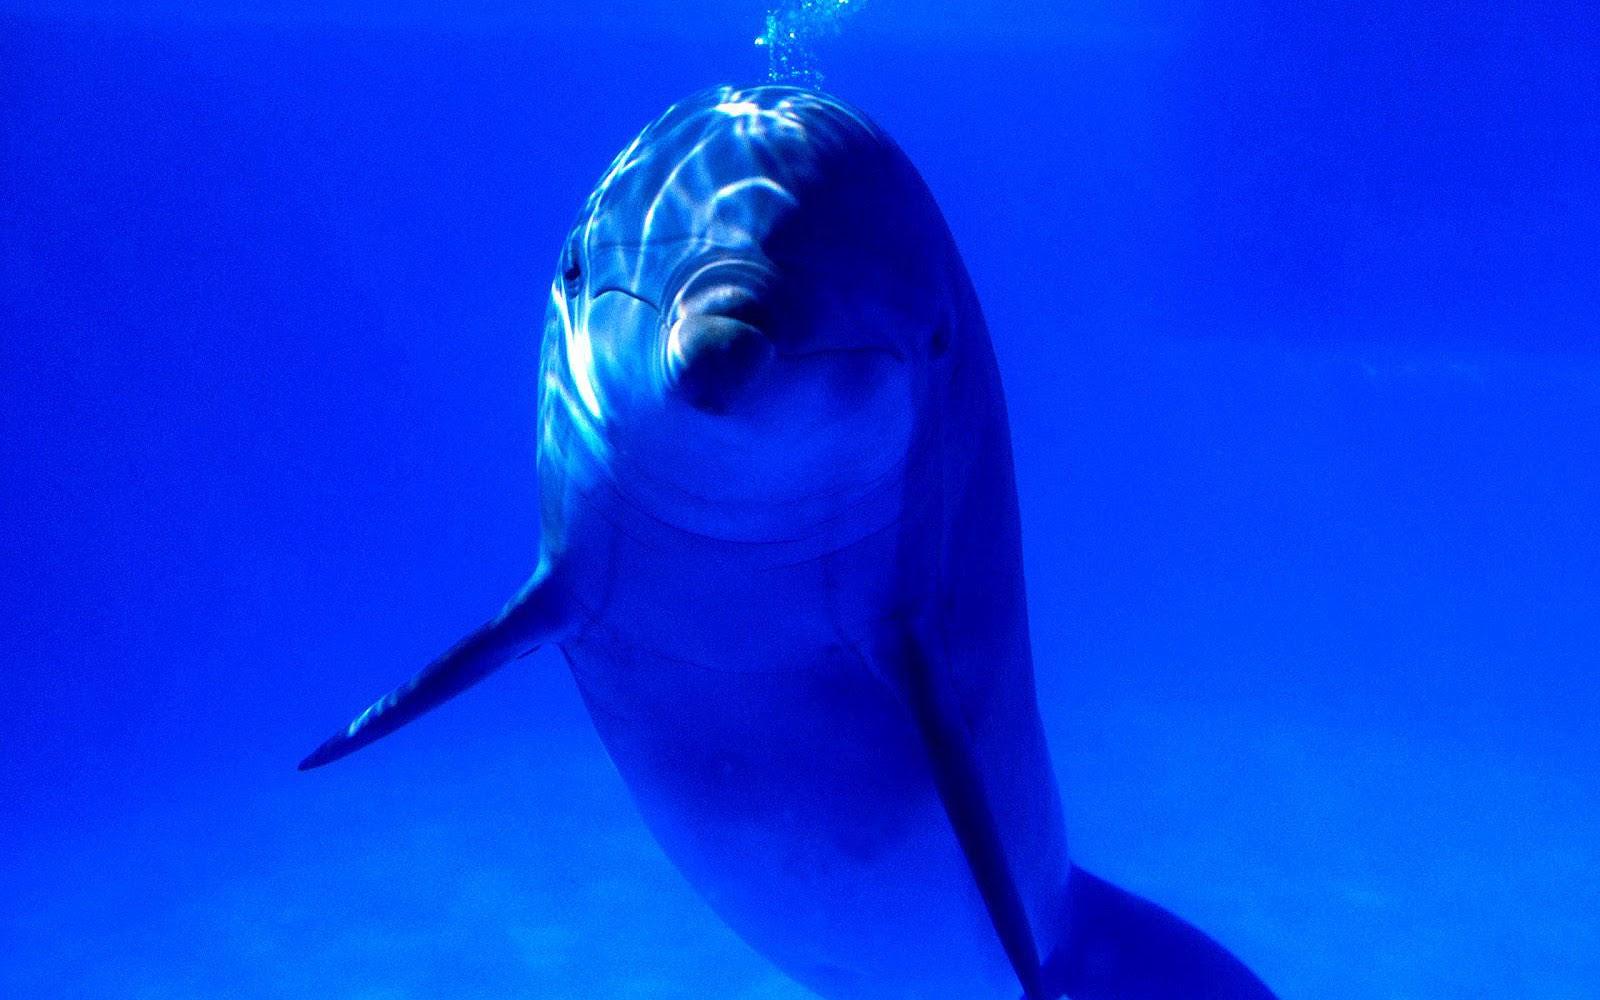 http://4.bp.blogspot.com/-fpJormg1tq4/UBrMyUNAugI/AAAAAAAAERs/n6A4U7o9NAY/s1600/hd-dolfijnen-achtergrond-met-een-dolfijn-onderwater-kijkend-naar-de-camera-hd-dolfijn-wallpaper.jpg